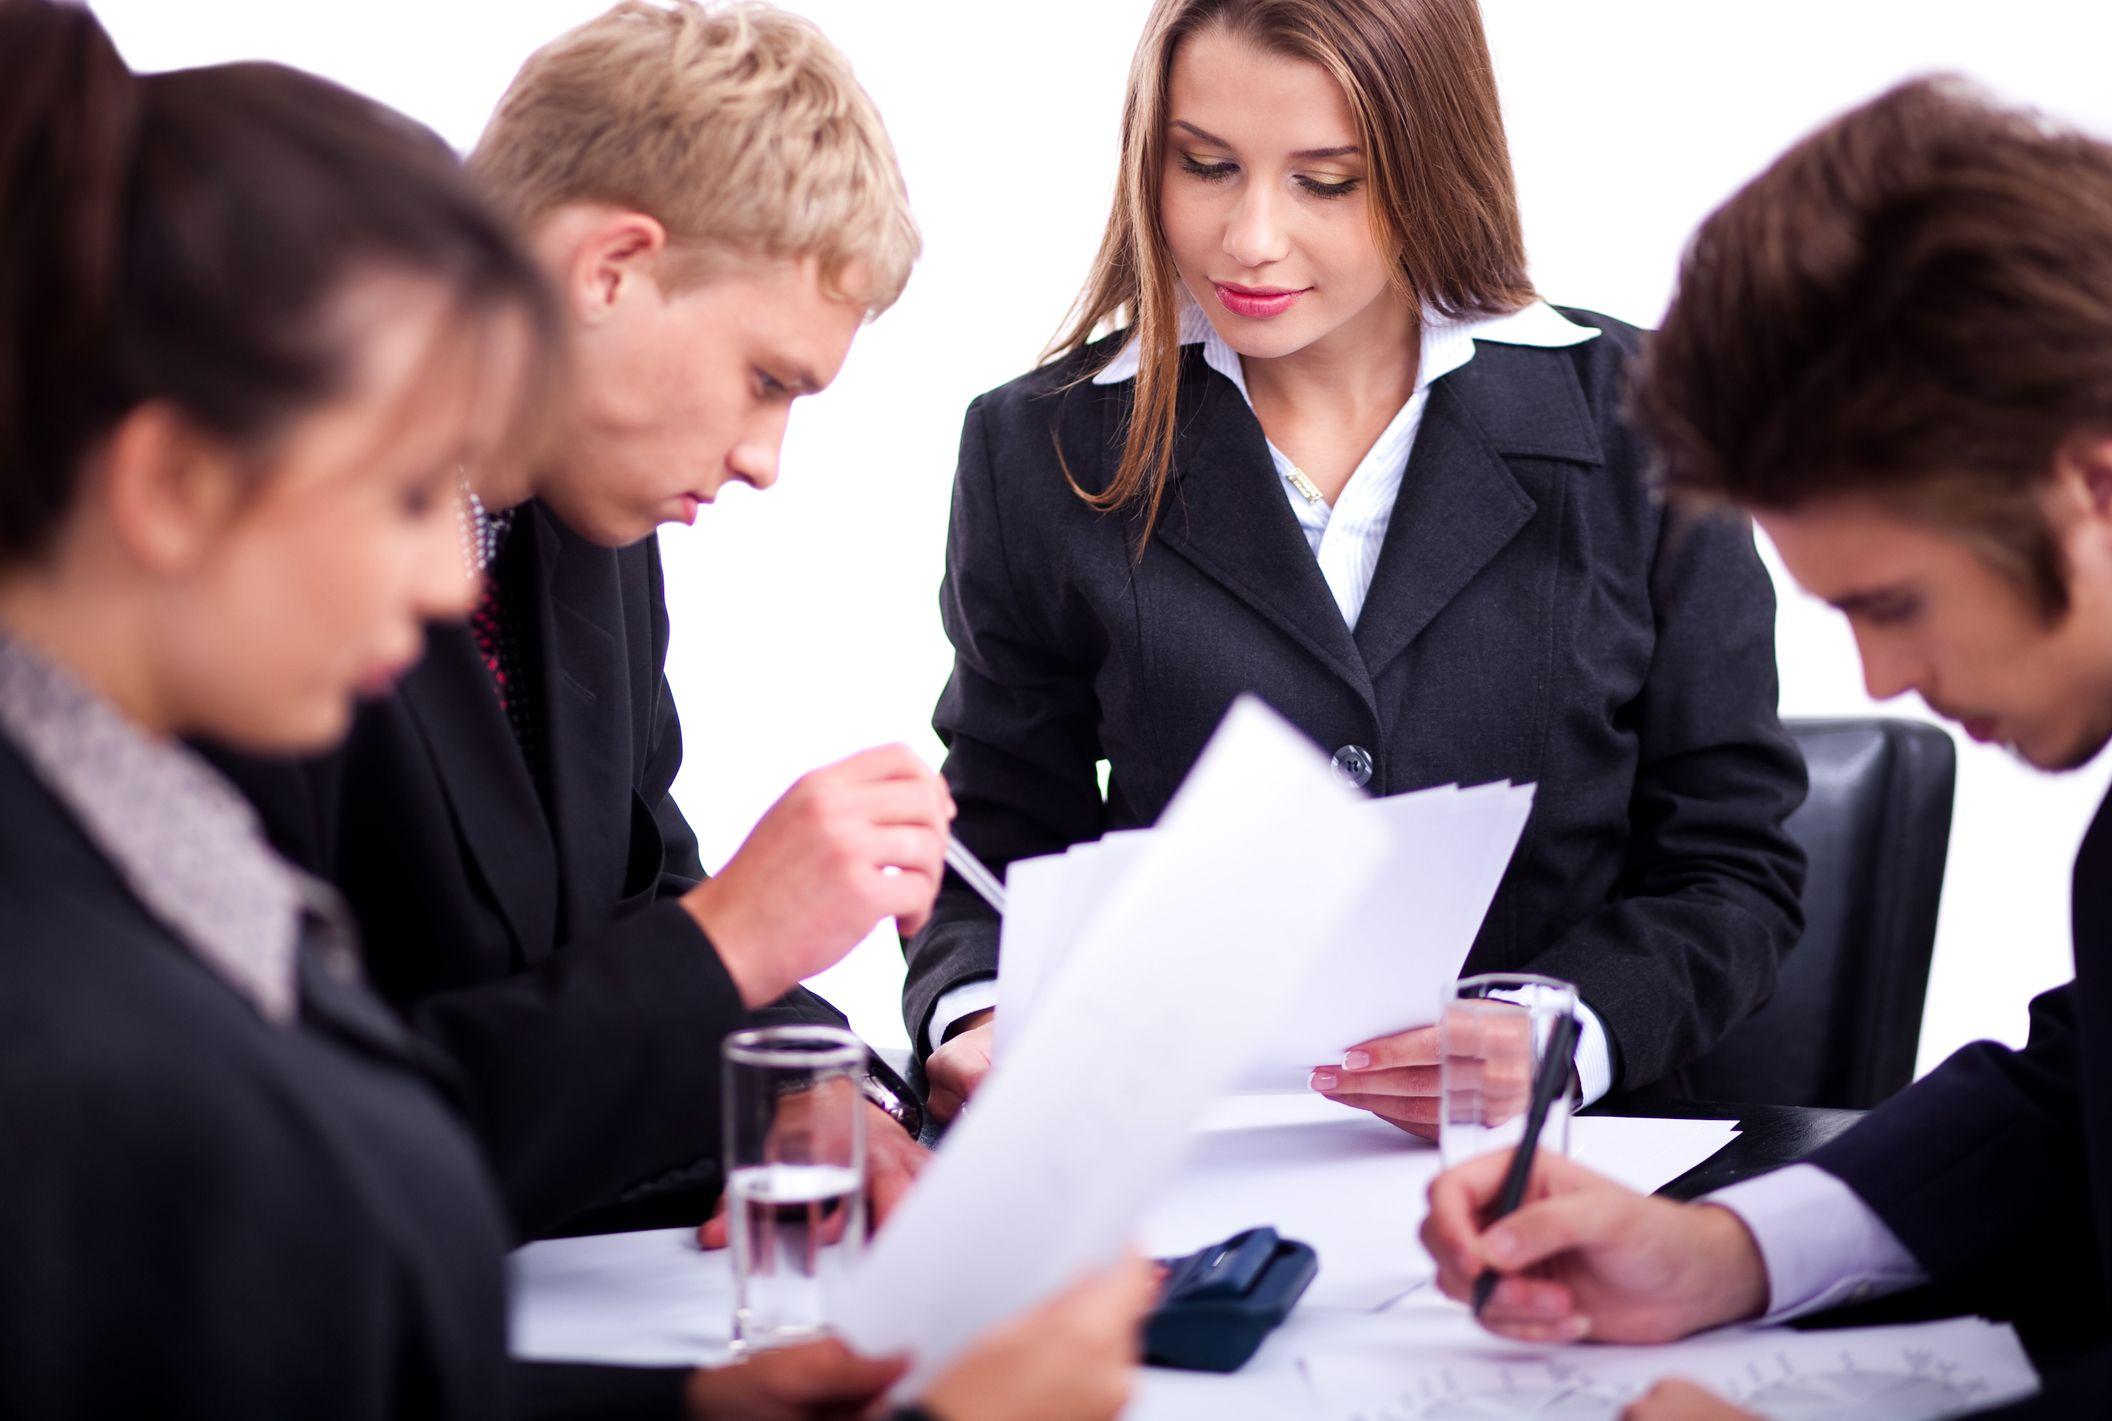 Pracownicze Programy Kapitałowe, będzie ulga podatkowa czy obciążenie pracodawcy?